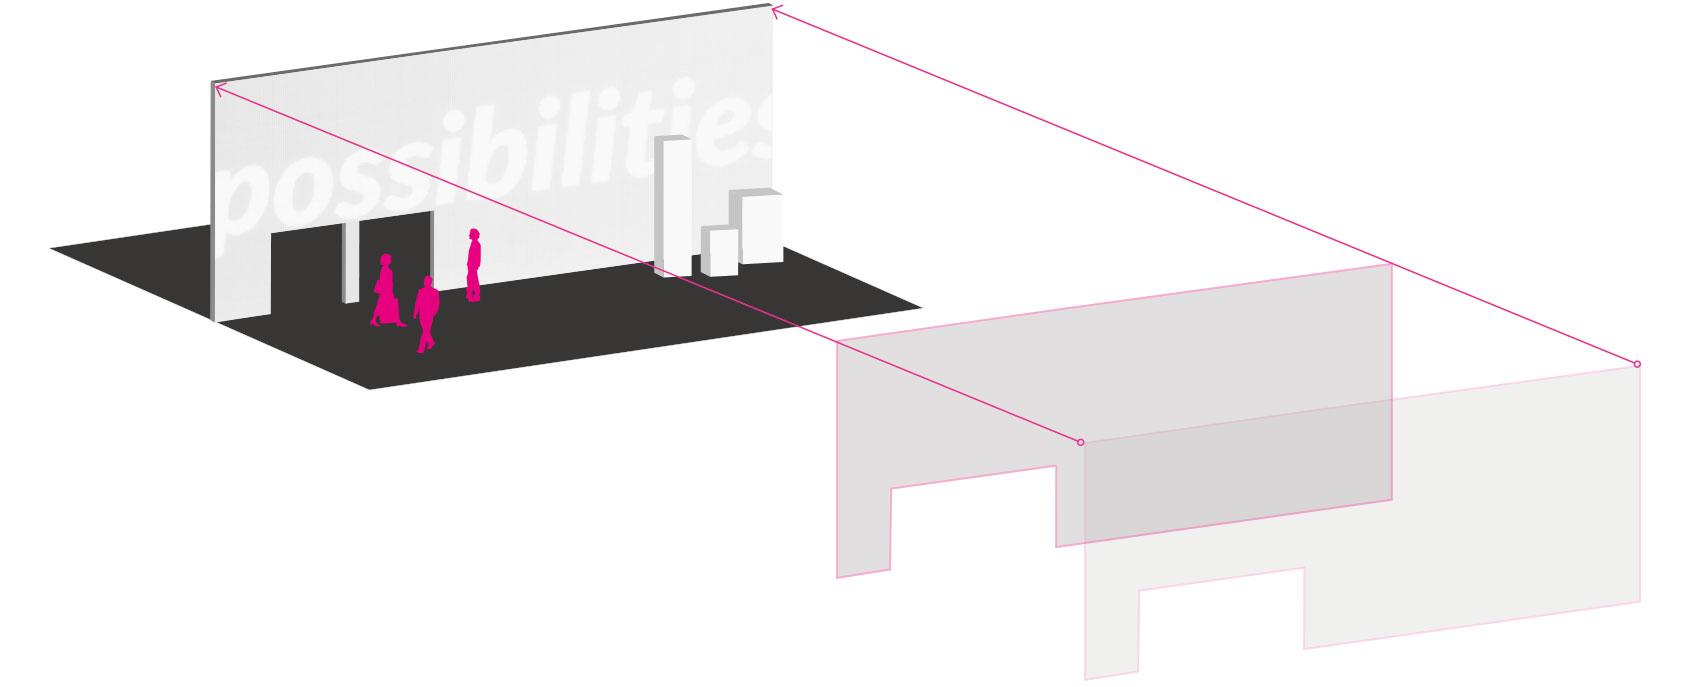 White LED tiles